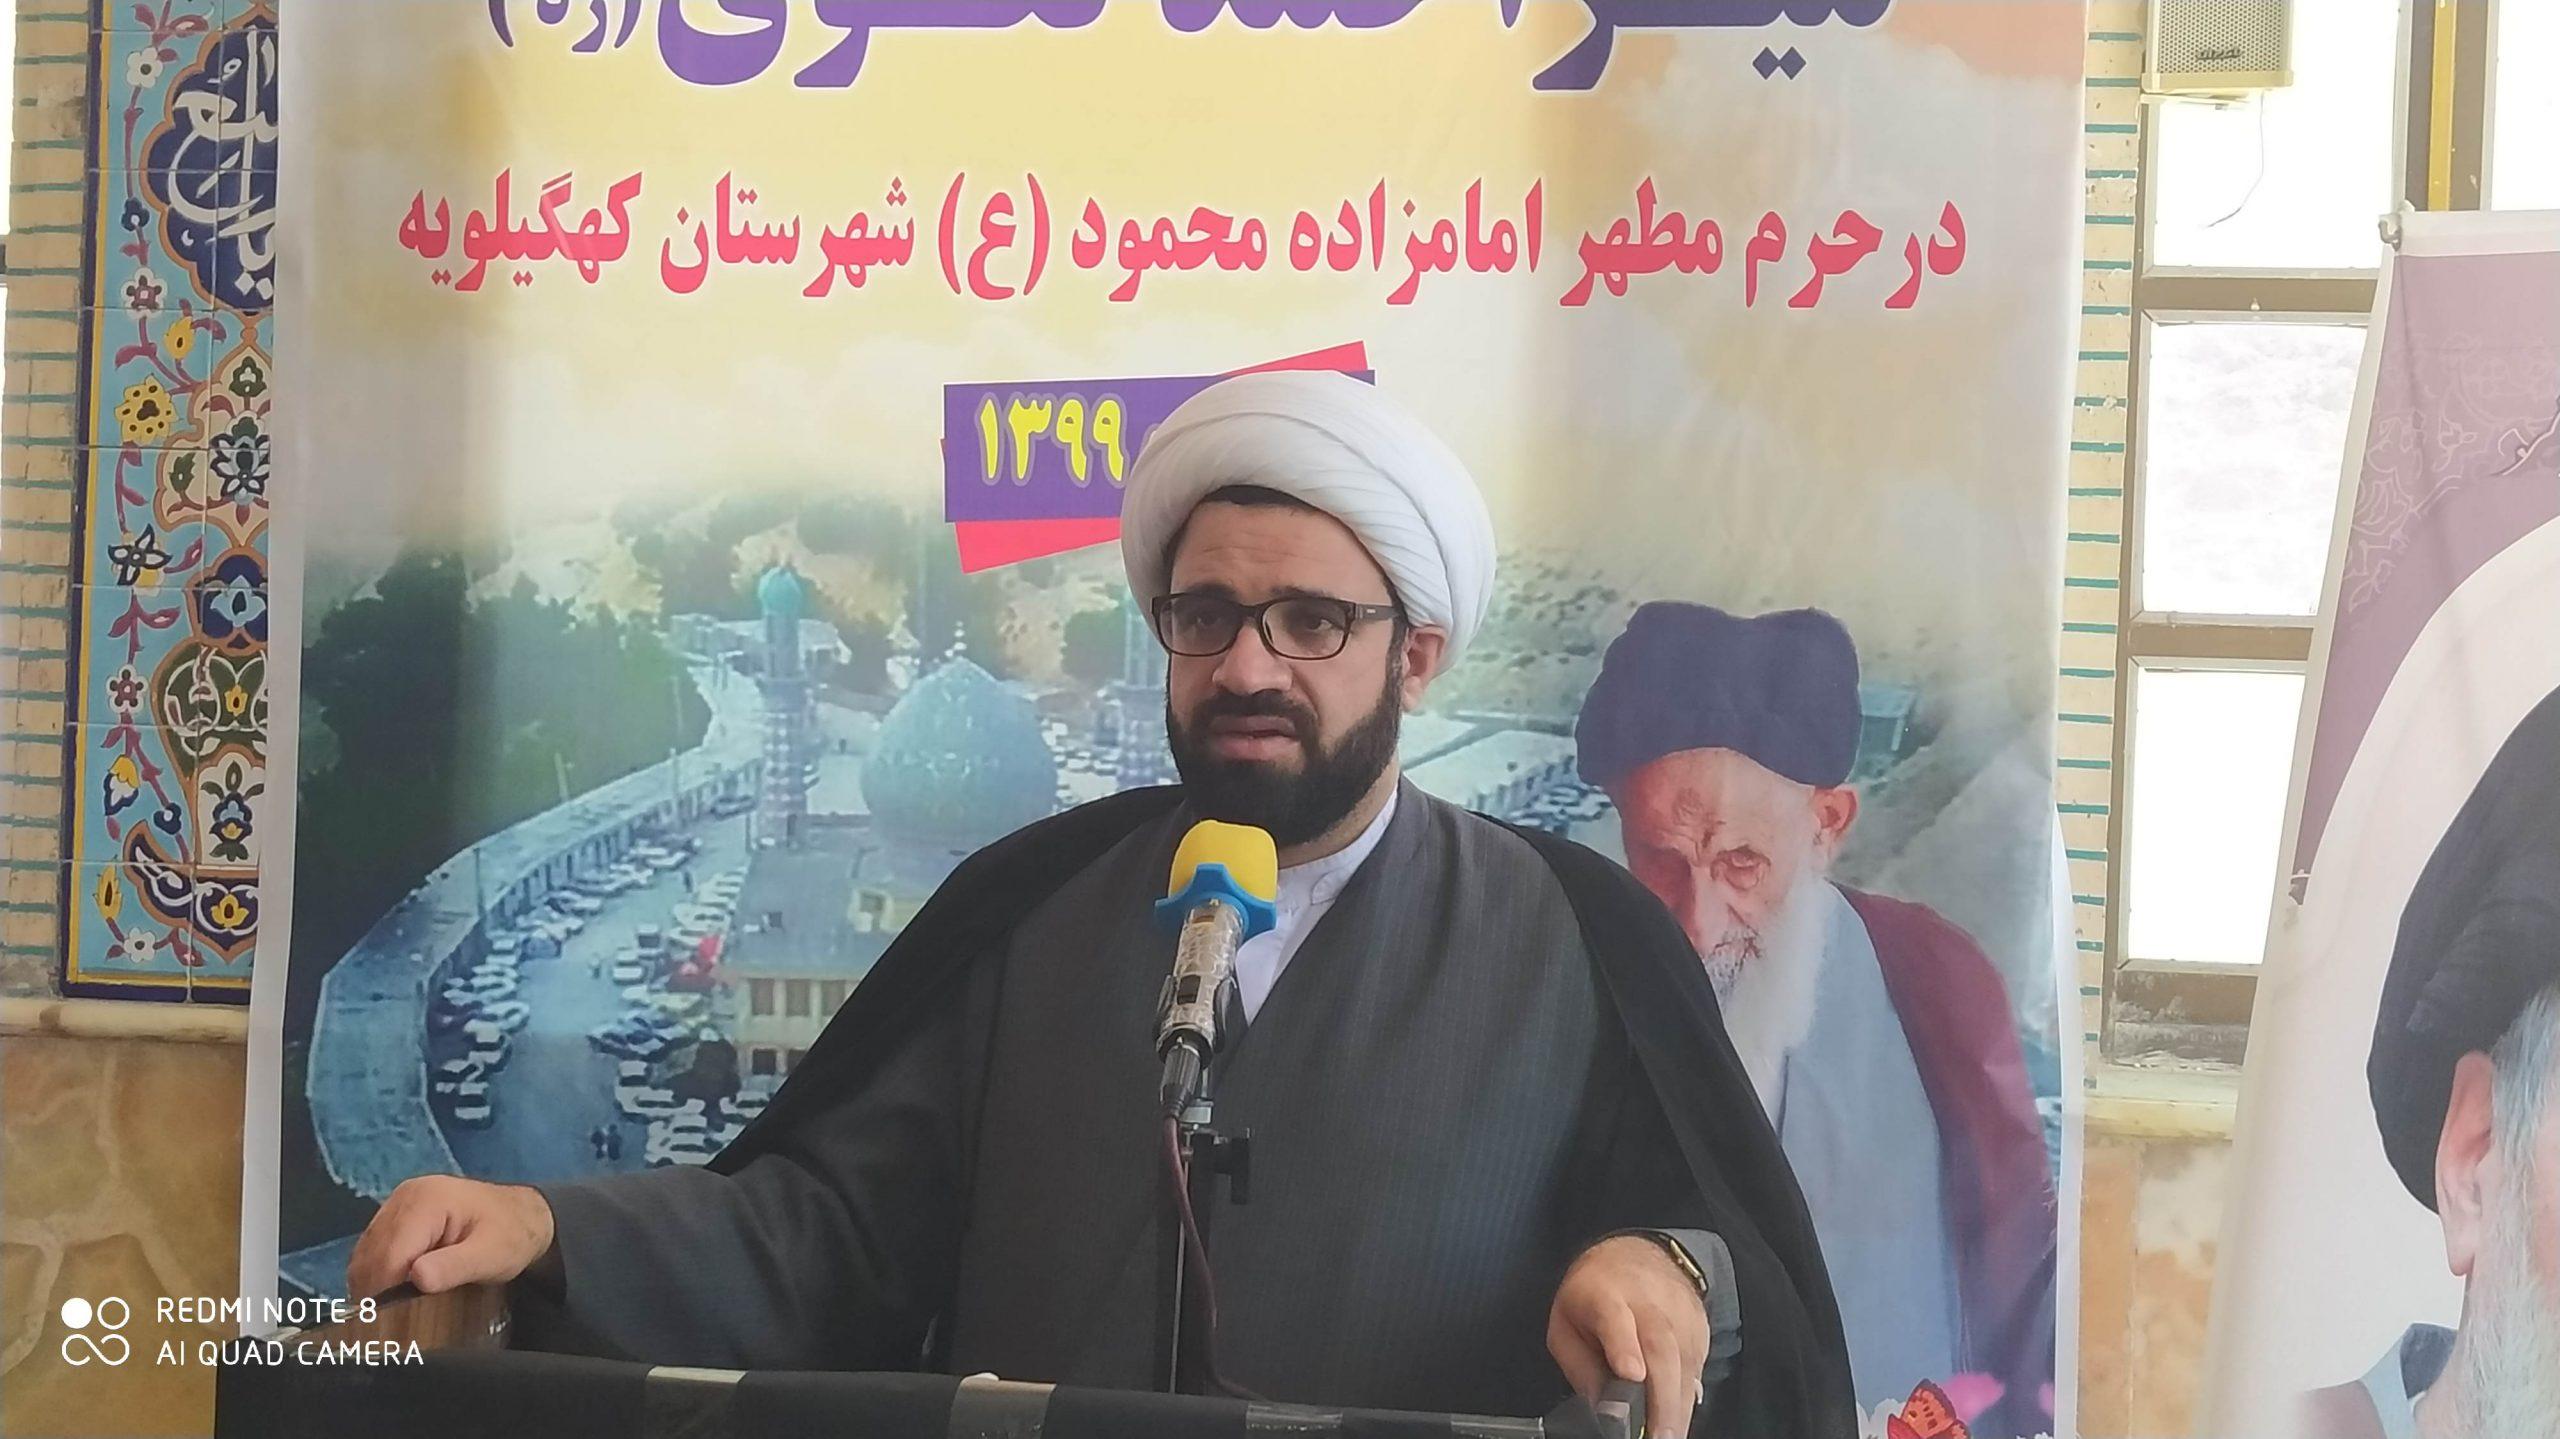 تقدیر از فعالیت های مختلف صورت گرفته در بقعه متبرکه امامزاده سید محمید علیه السلام در شهرستان کهگیلویه